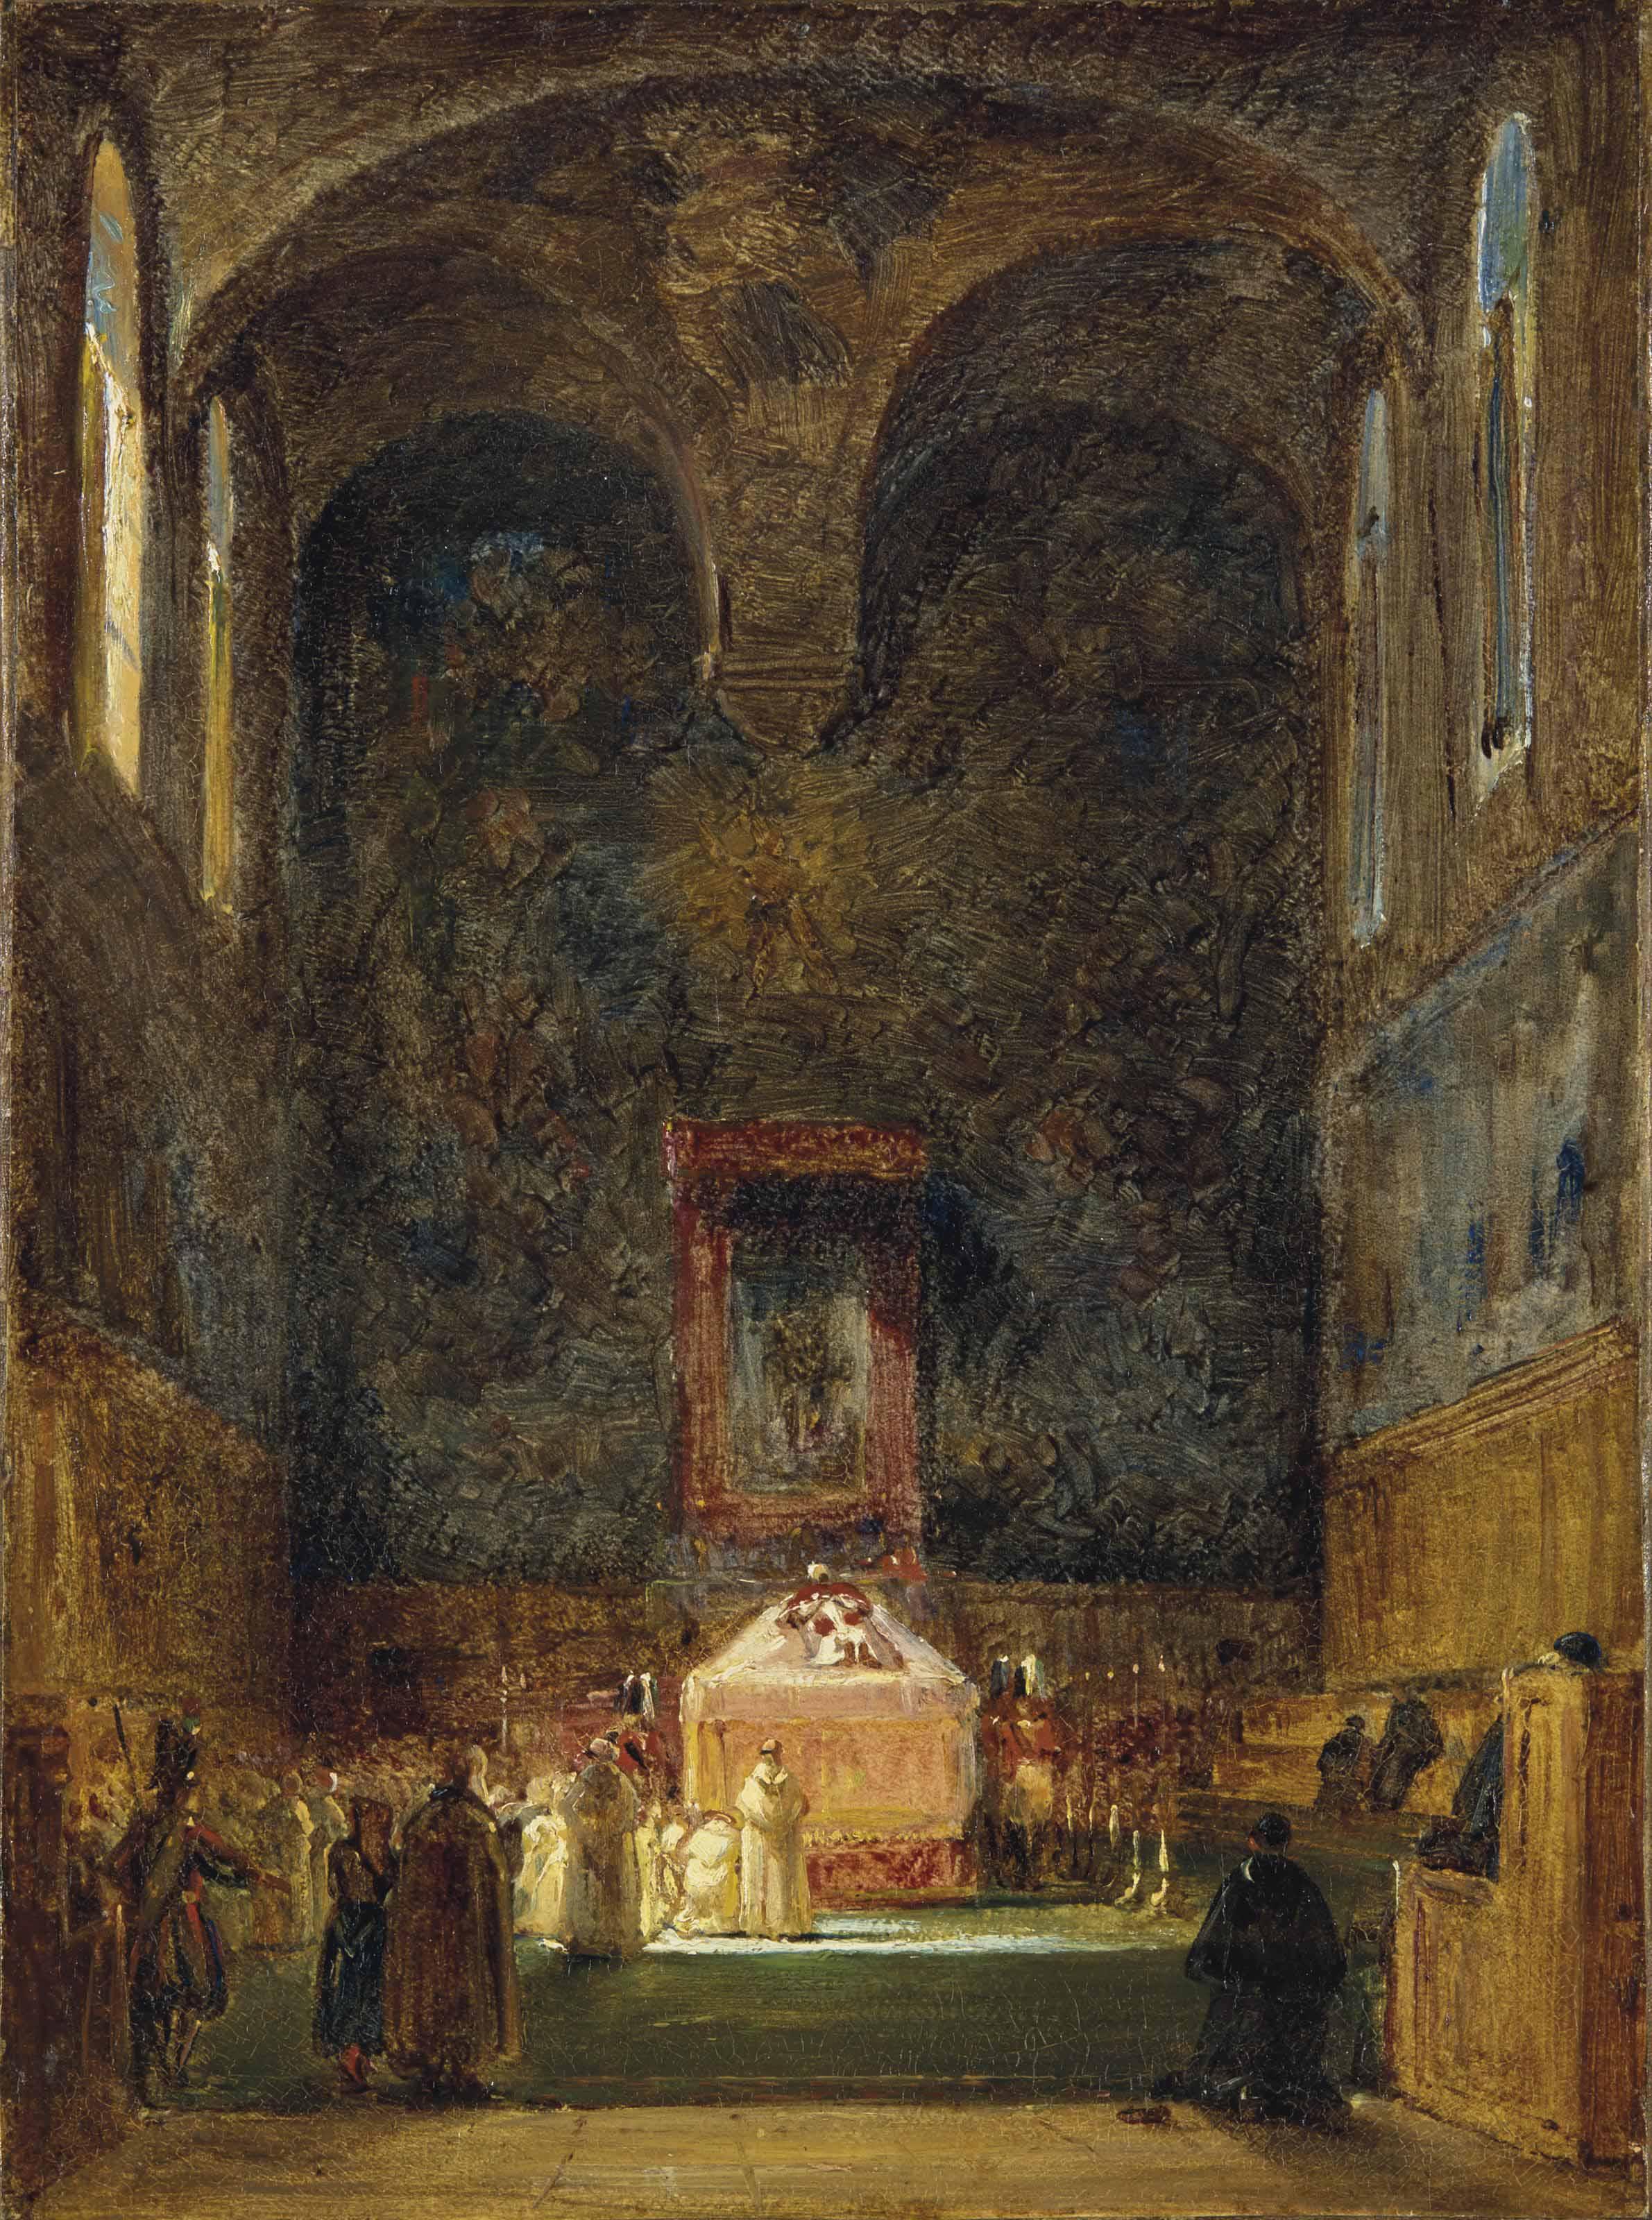 Le catafalque du Pape dans la Chapelle Sixtine